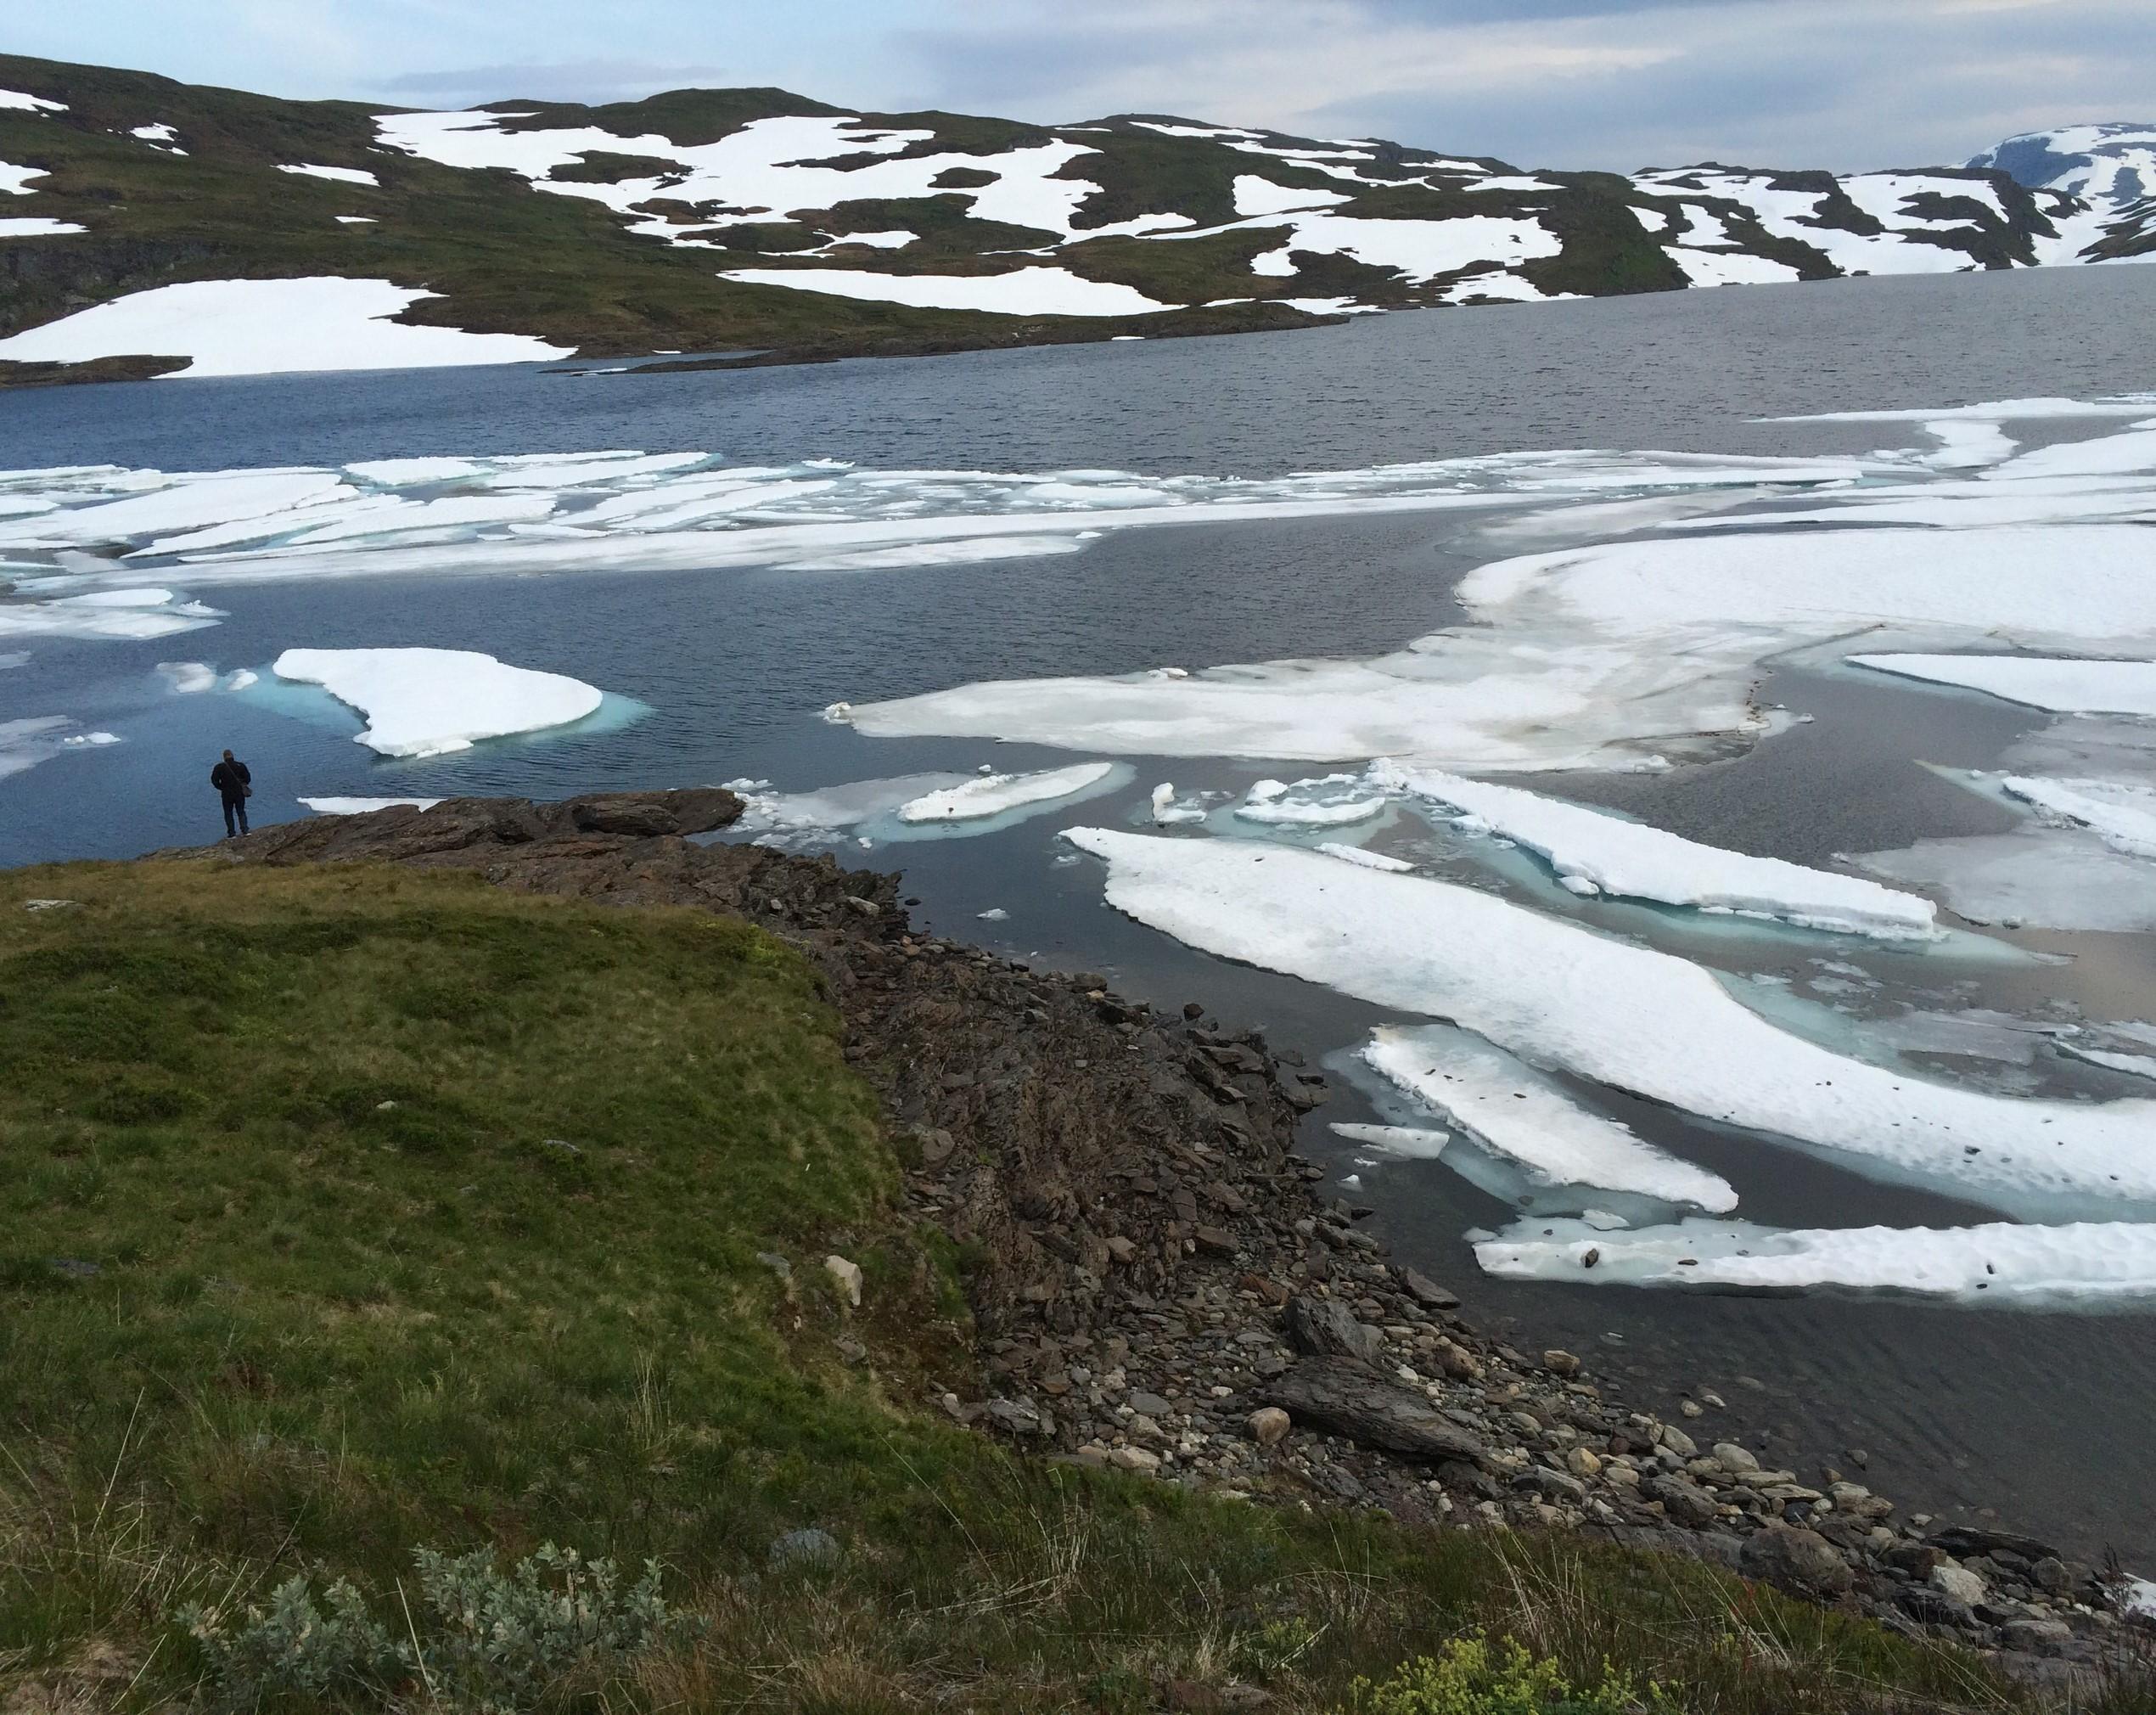 אגם וקרח רוחב גדול